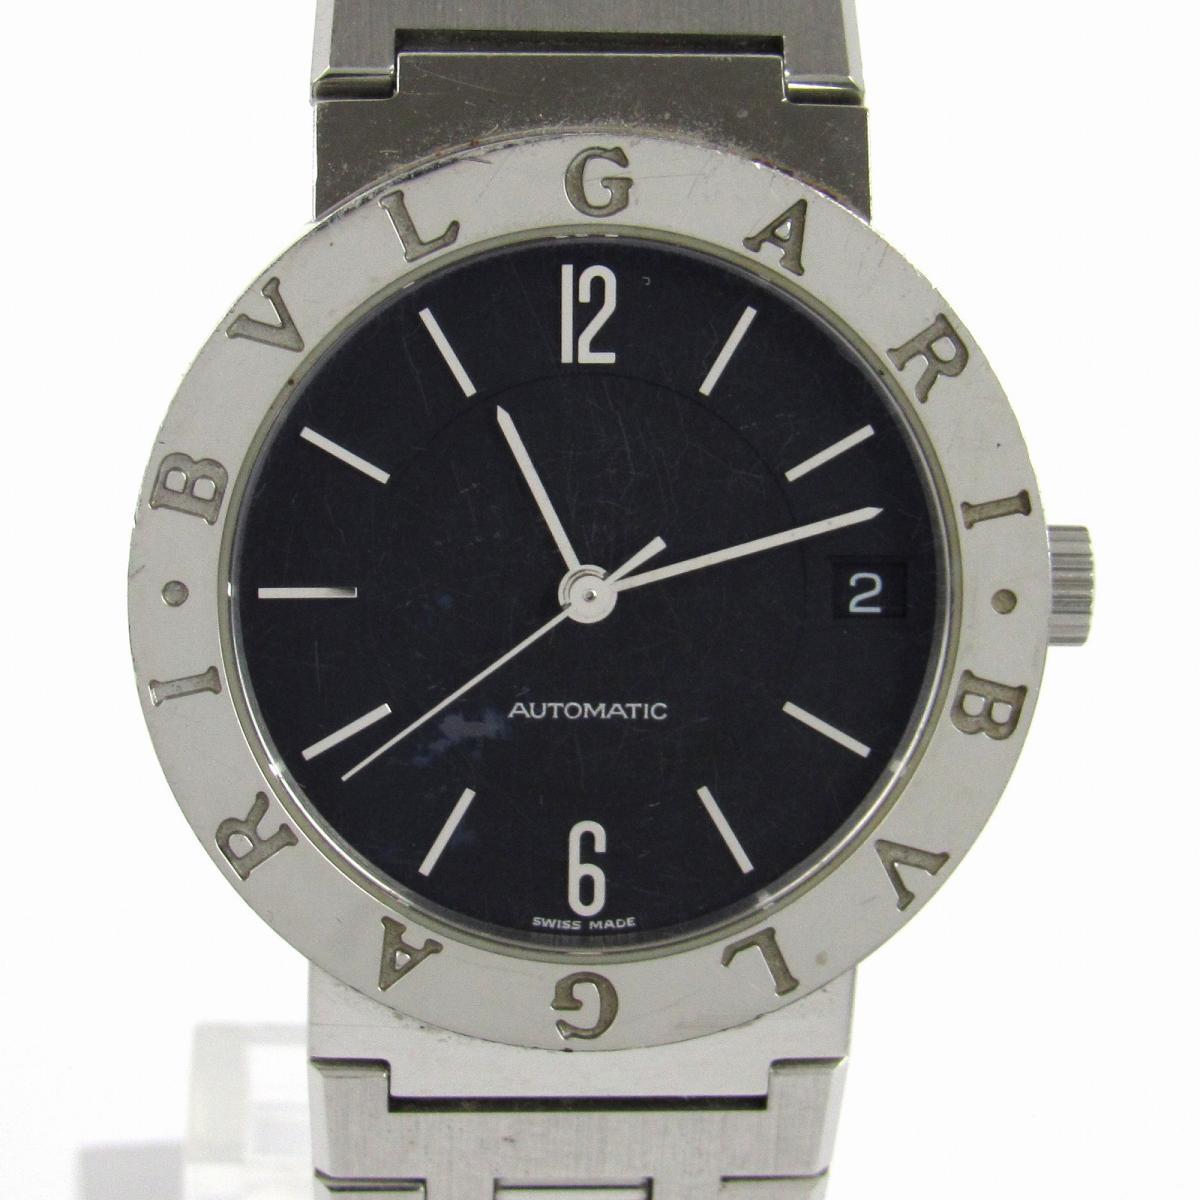 【中古】 ブルガリ ウォッチ 腕時計 メンズ レディース ステンレススチール (SS) (BB33SSD) | BVLGARI クオーツ クォーツ 時計 ブルガリ ブルガリ 美品 ブランドオフ